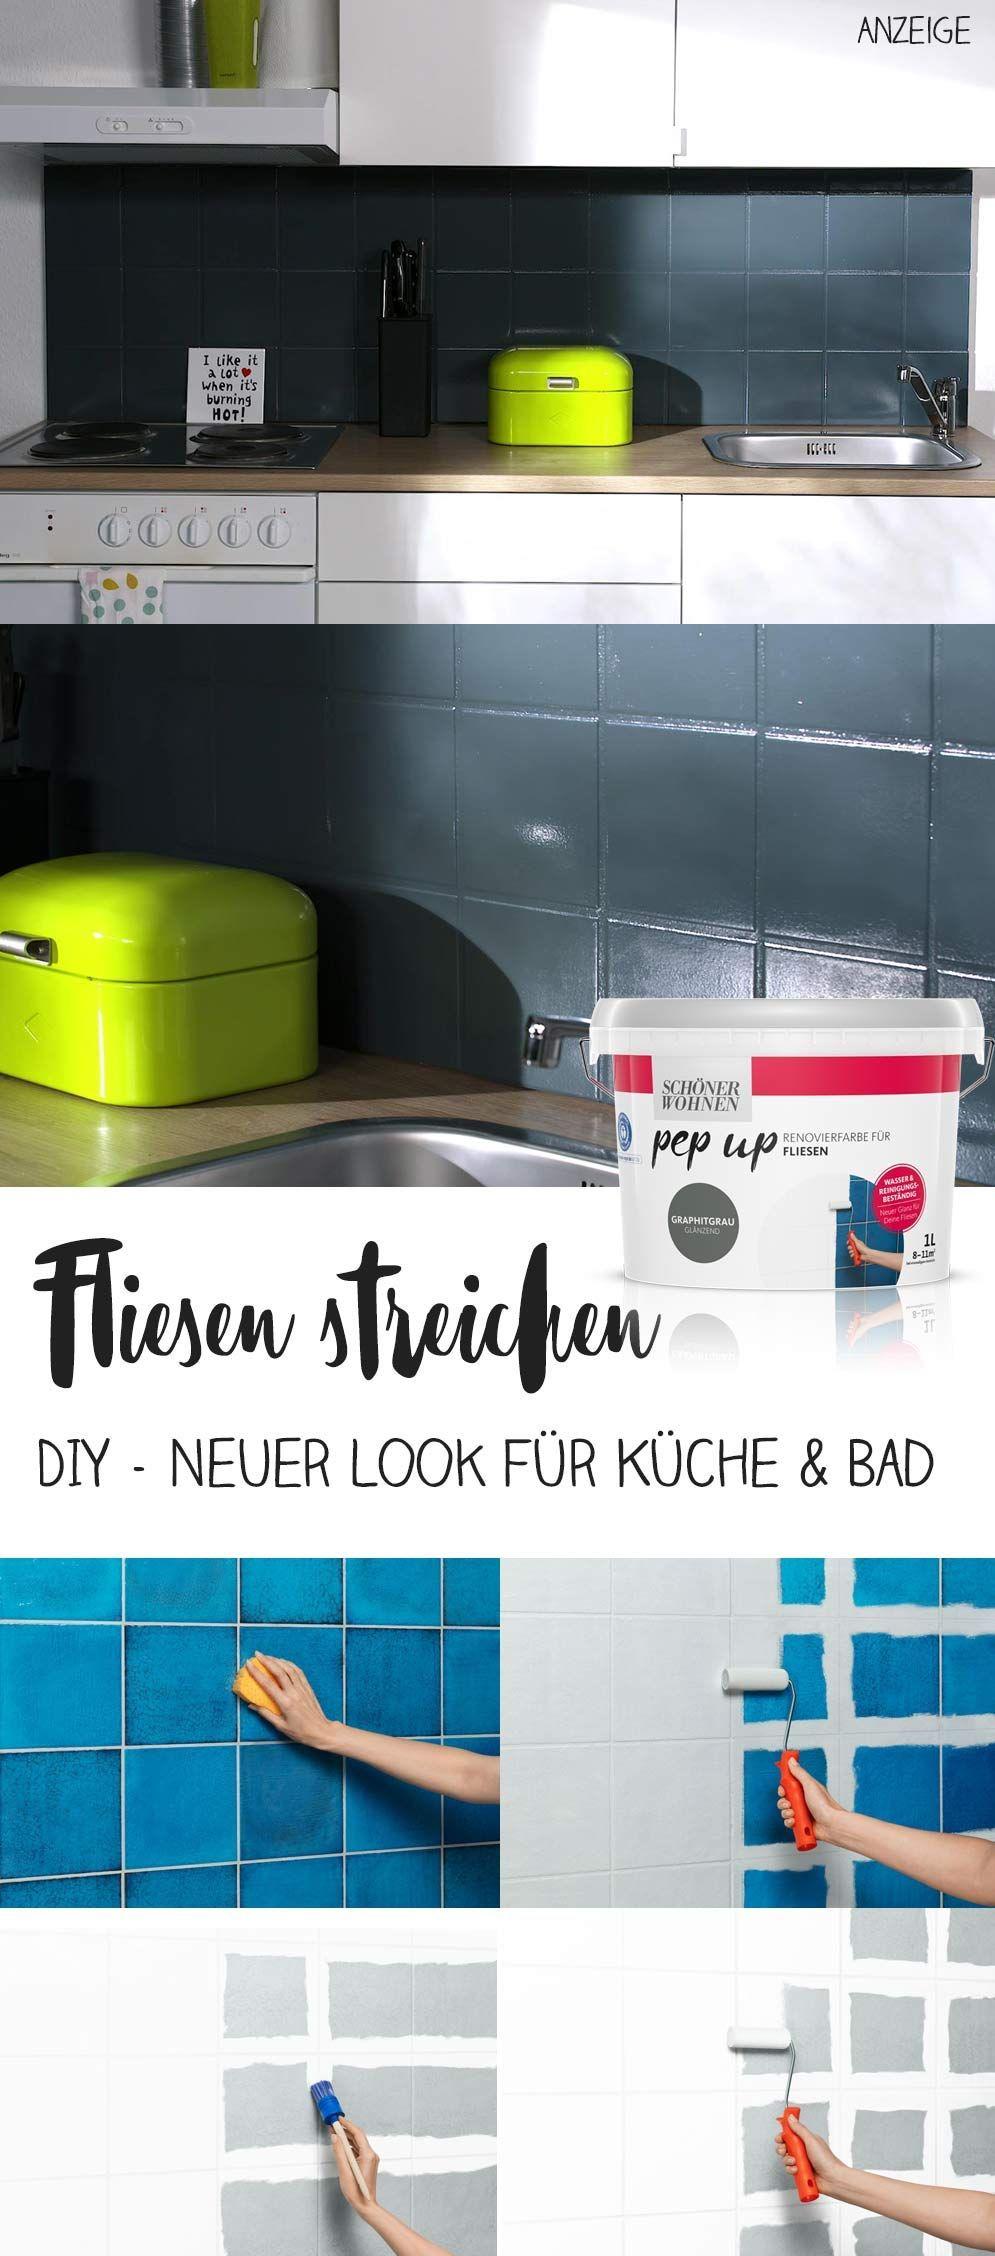 Werbung Diy Fliesen Selber Streichen Einfache Schritt Fur Schritt Anleitung Wasser Reinigungsbestandige Farbe Fur Kuch Fliesen Diy Fliesen Renovieren